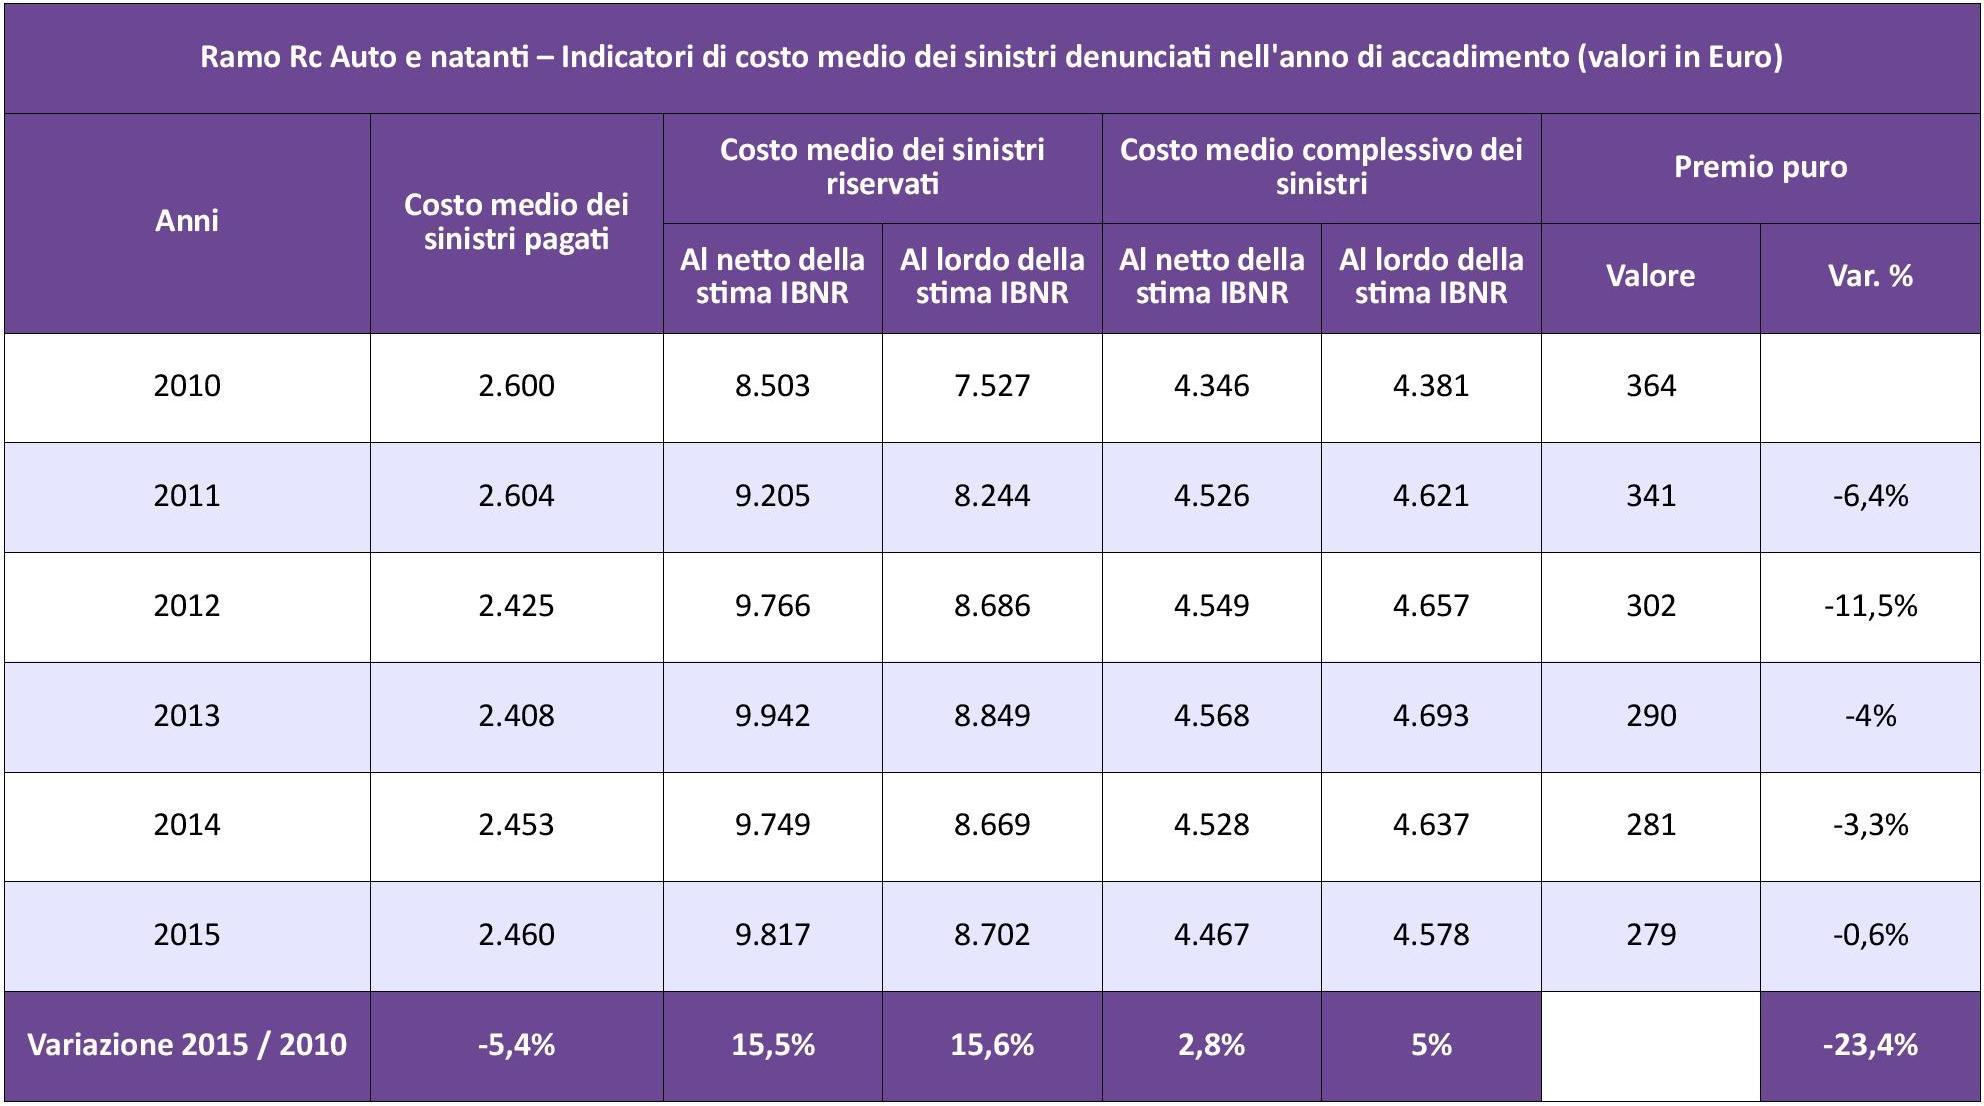 IVASS - Statistiche Auto 2015 - Tab. 4 - Costo medio sinistri IMC